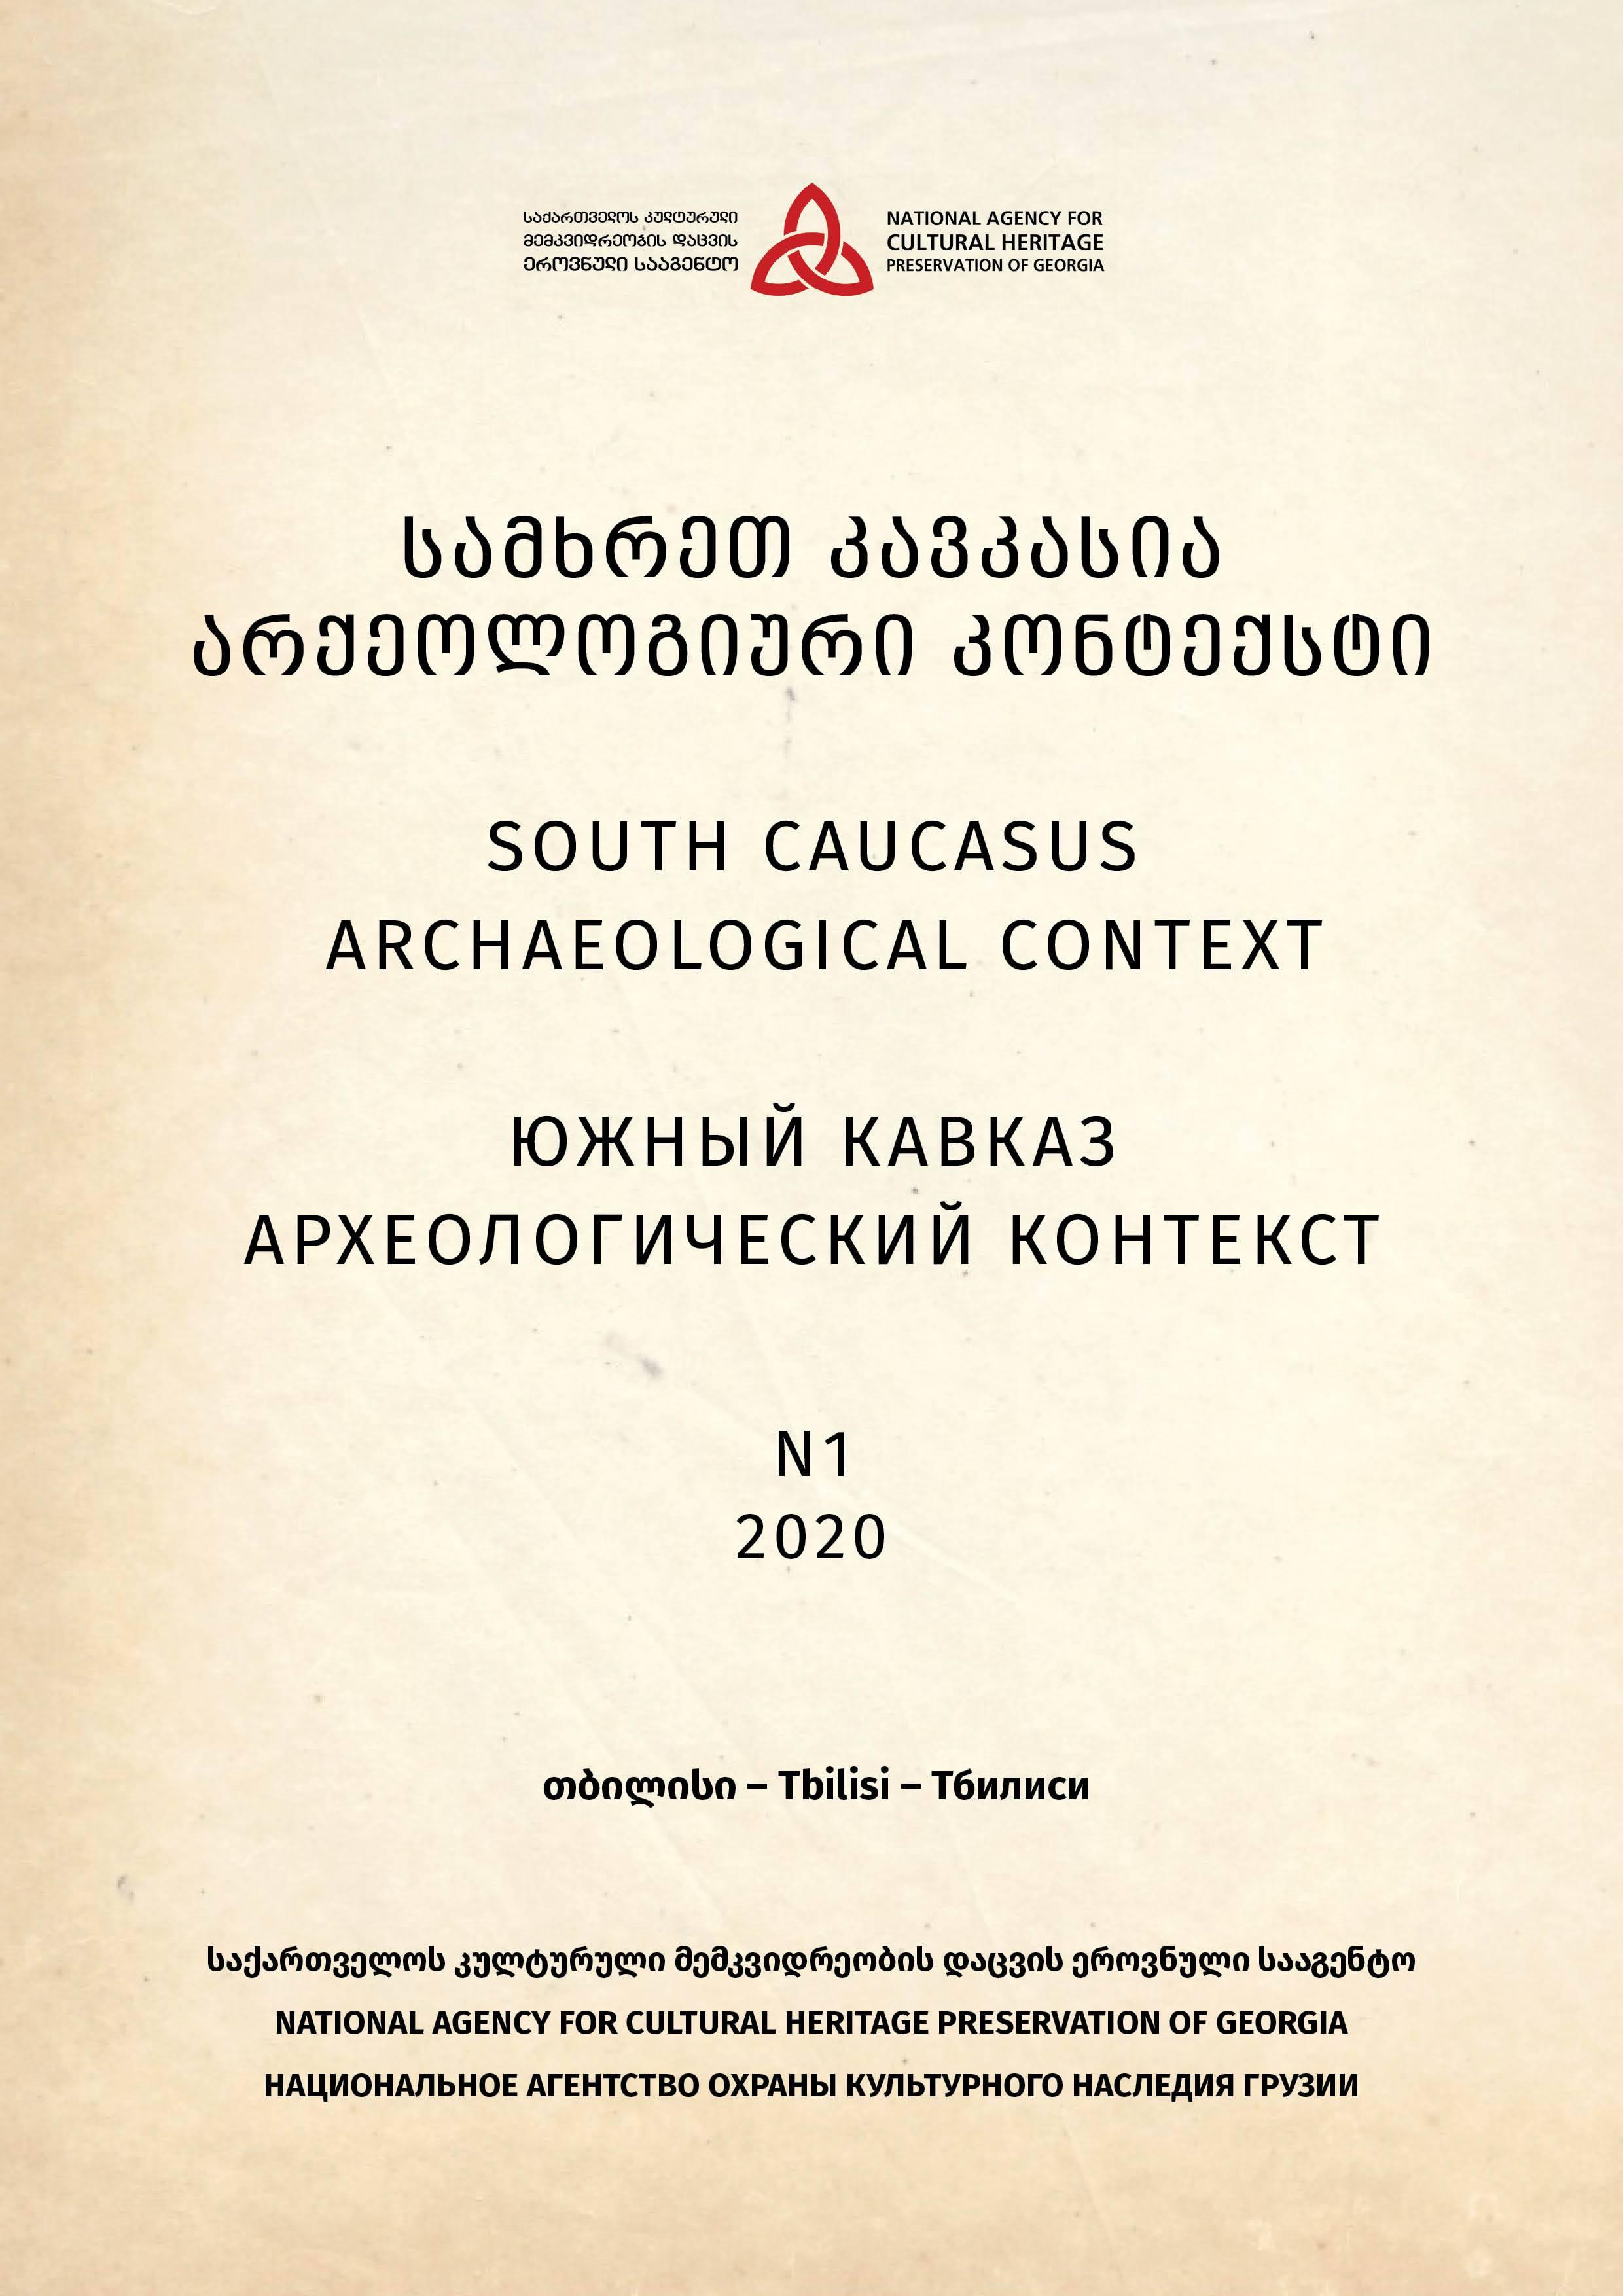 """""""სამხრეთ კავკასია - არქეოლოგიური კონტექსტი""""."""